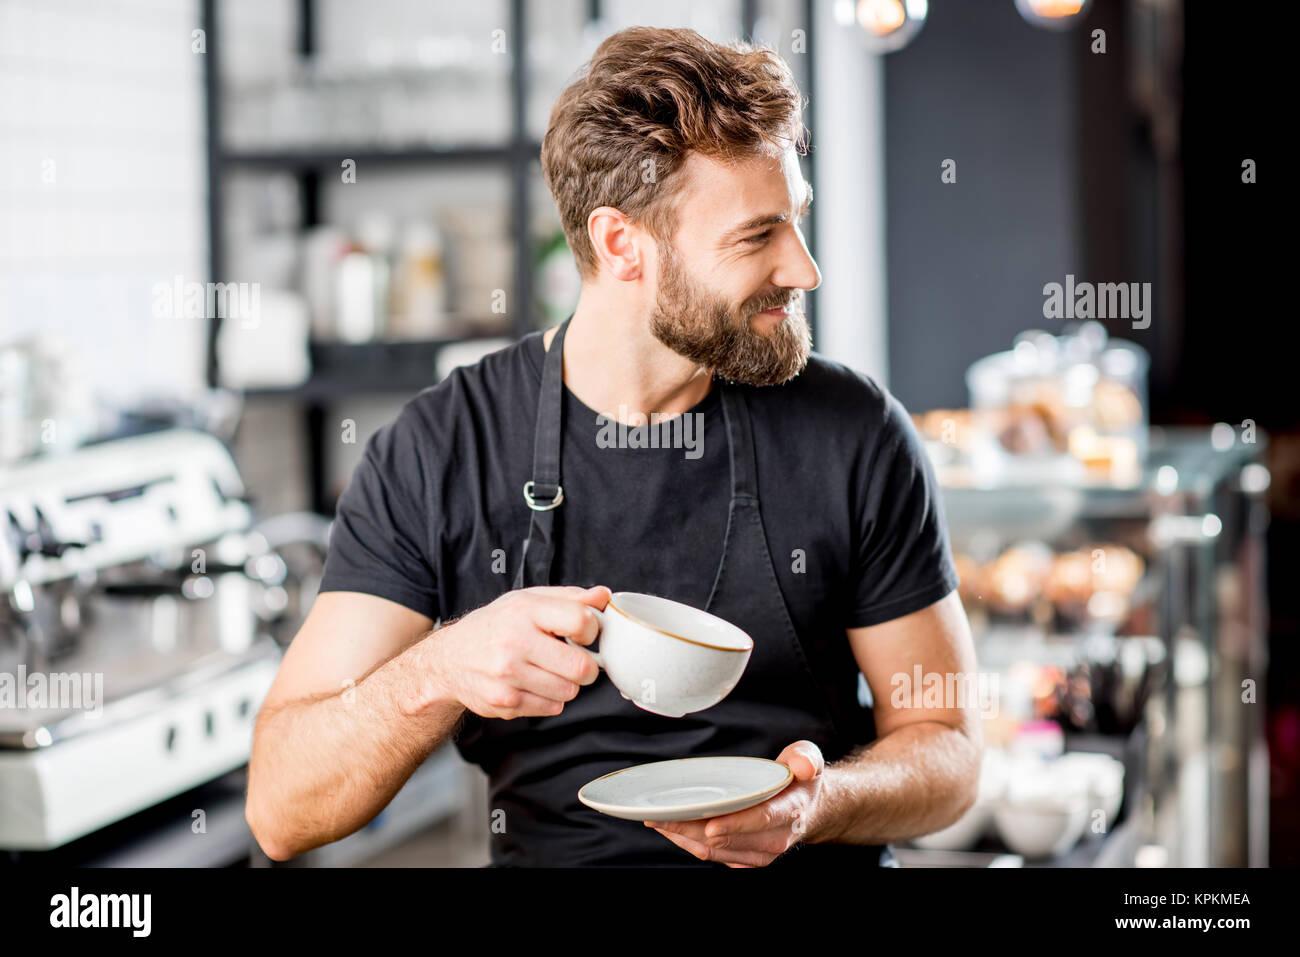 Barista ritratto in cafe Immagini Stock